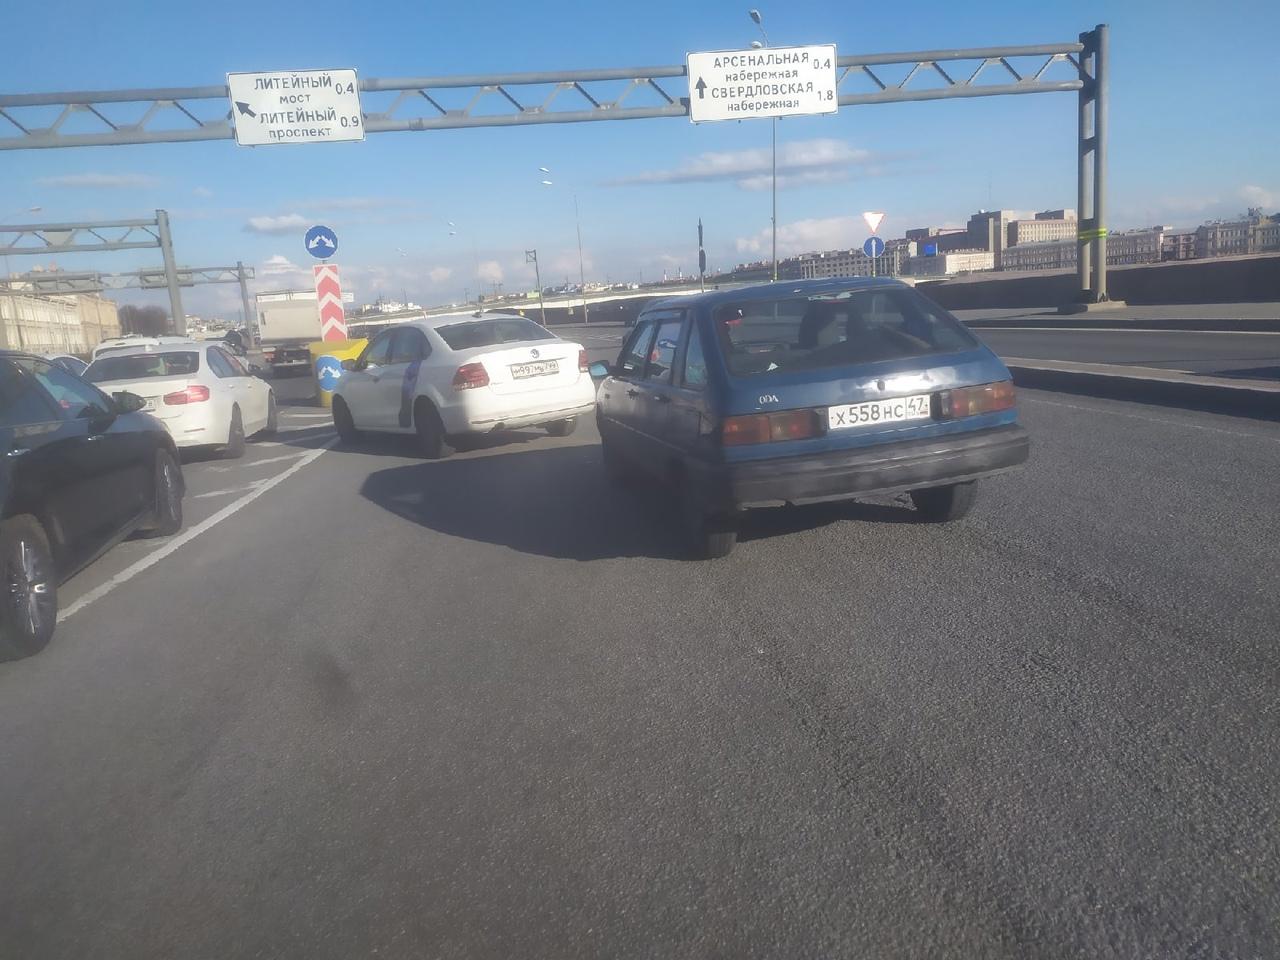 На Пироговской набережной, перед съездом на Литейный мост, каршеринг в последний момент решил, что е...